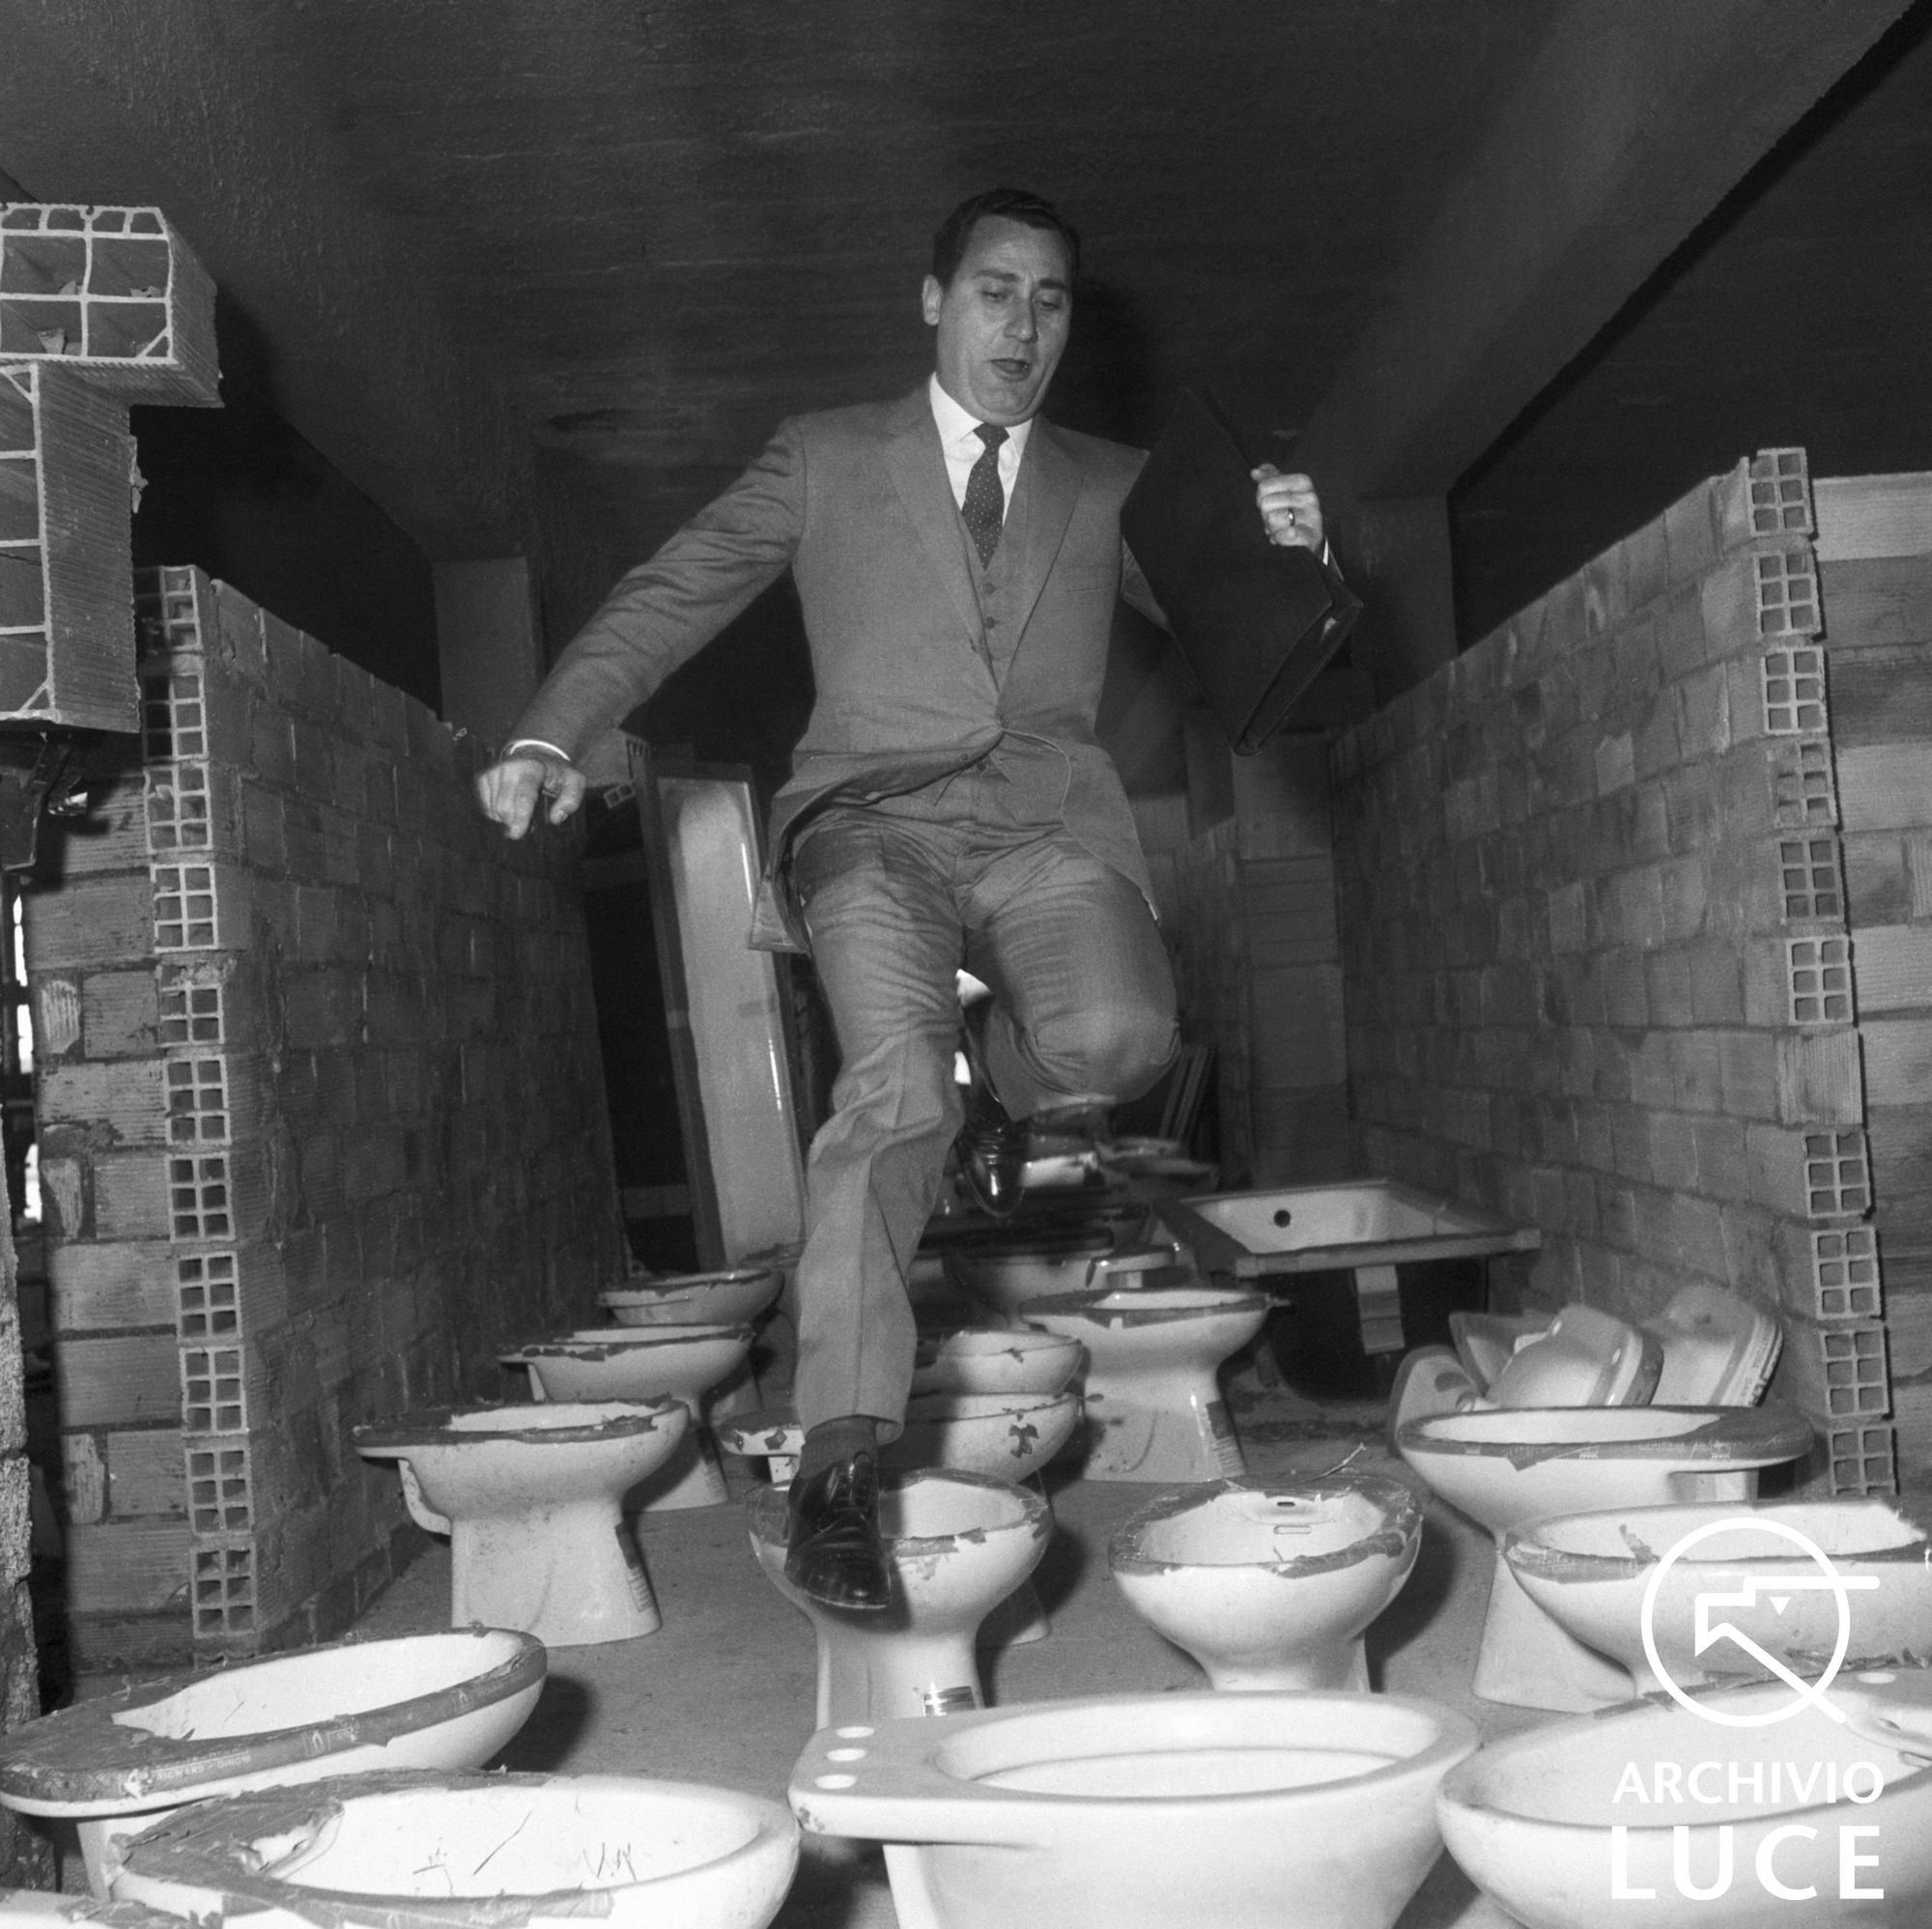 15 giugno 1920. Nasce Alberto Sordi – Archivio storico Istituto Luce